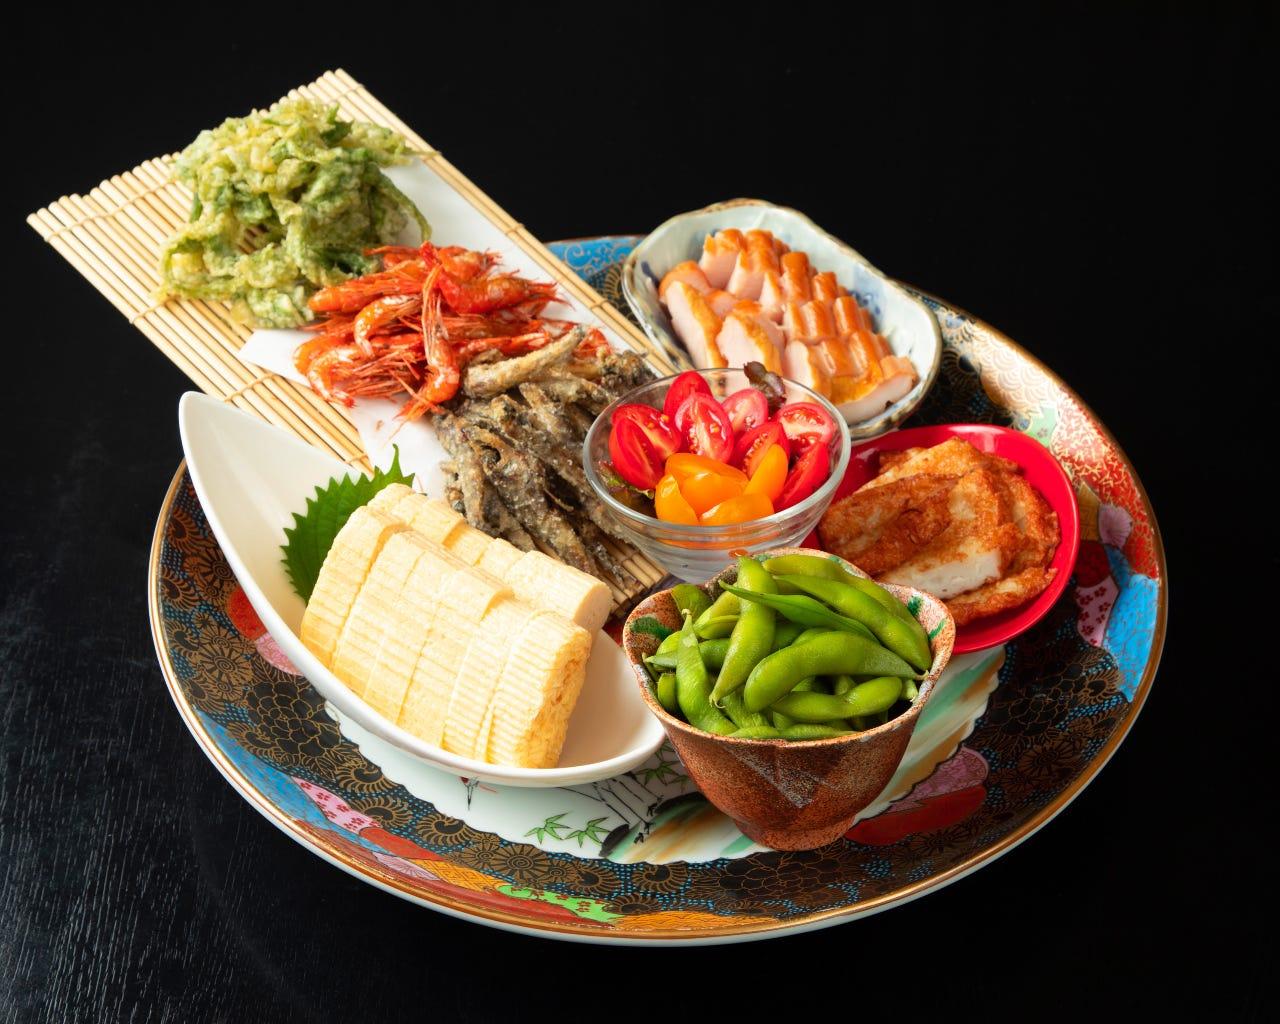 高知の郷土料理の「皿鉢」は高知のうまいもん盛合わせ